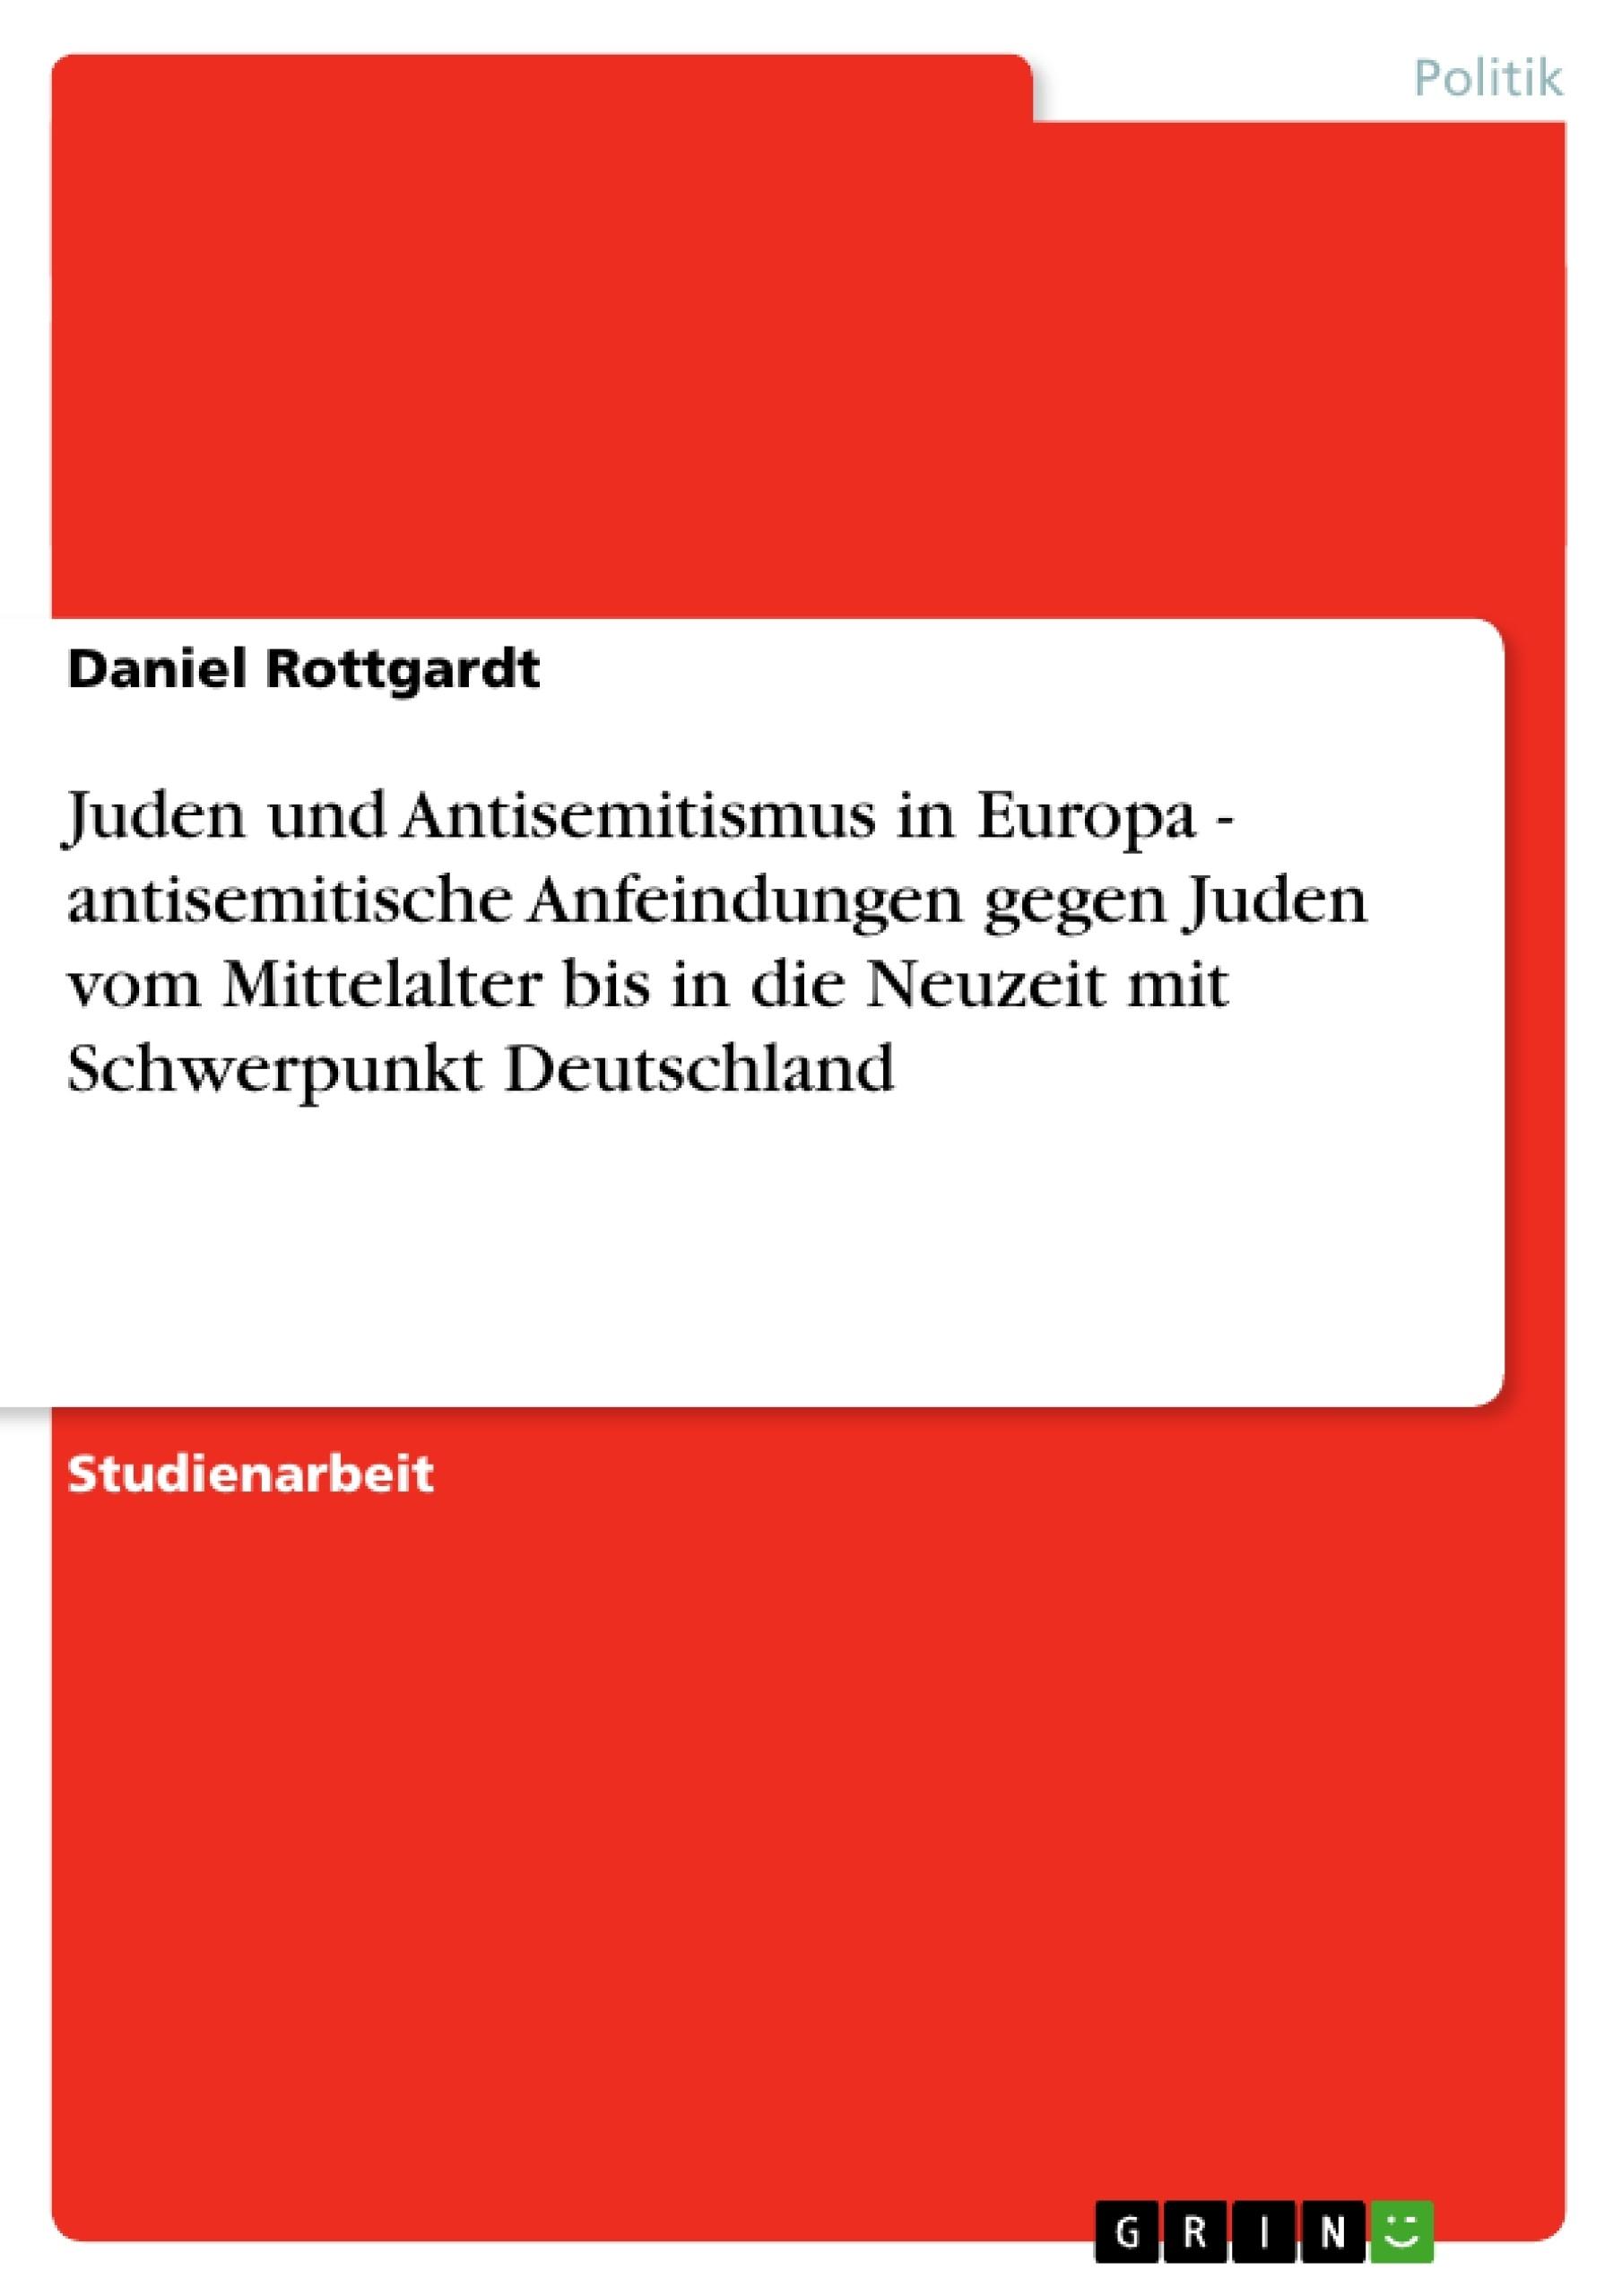 Titel: Juden und Antisemitismus in Europa - antisemitische Anfeindungen gegen Juden vom Mittelalter bis in die Neuzeit mit Schwerpunkt Deutschland